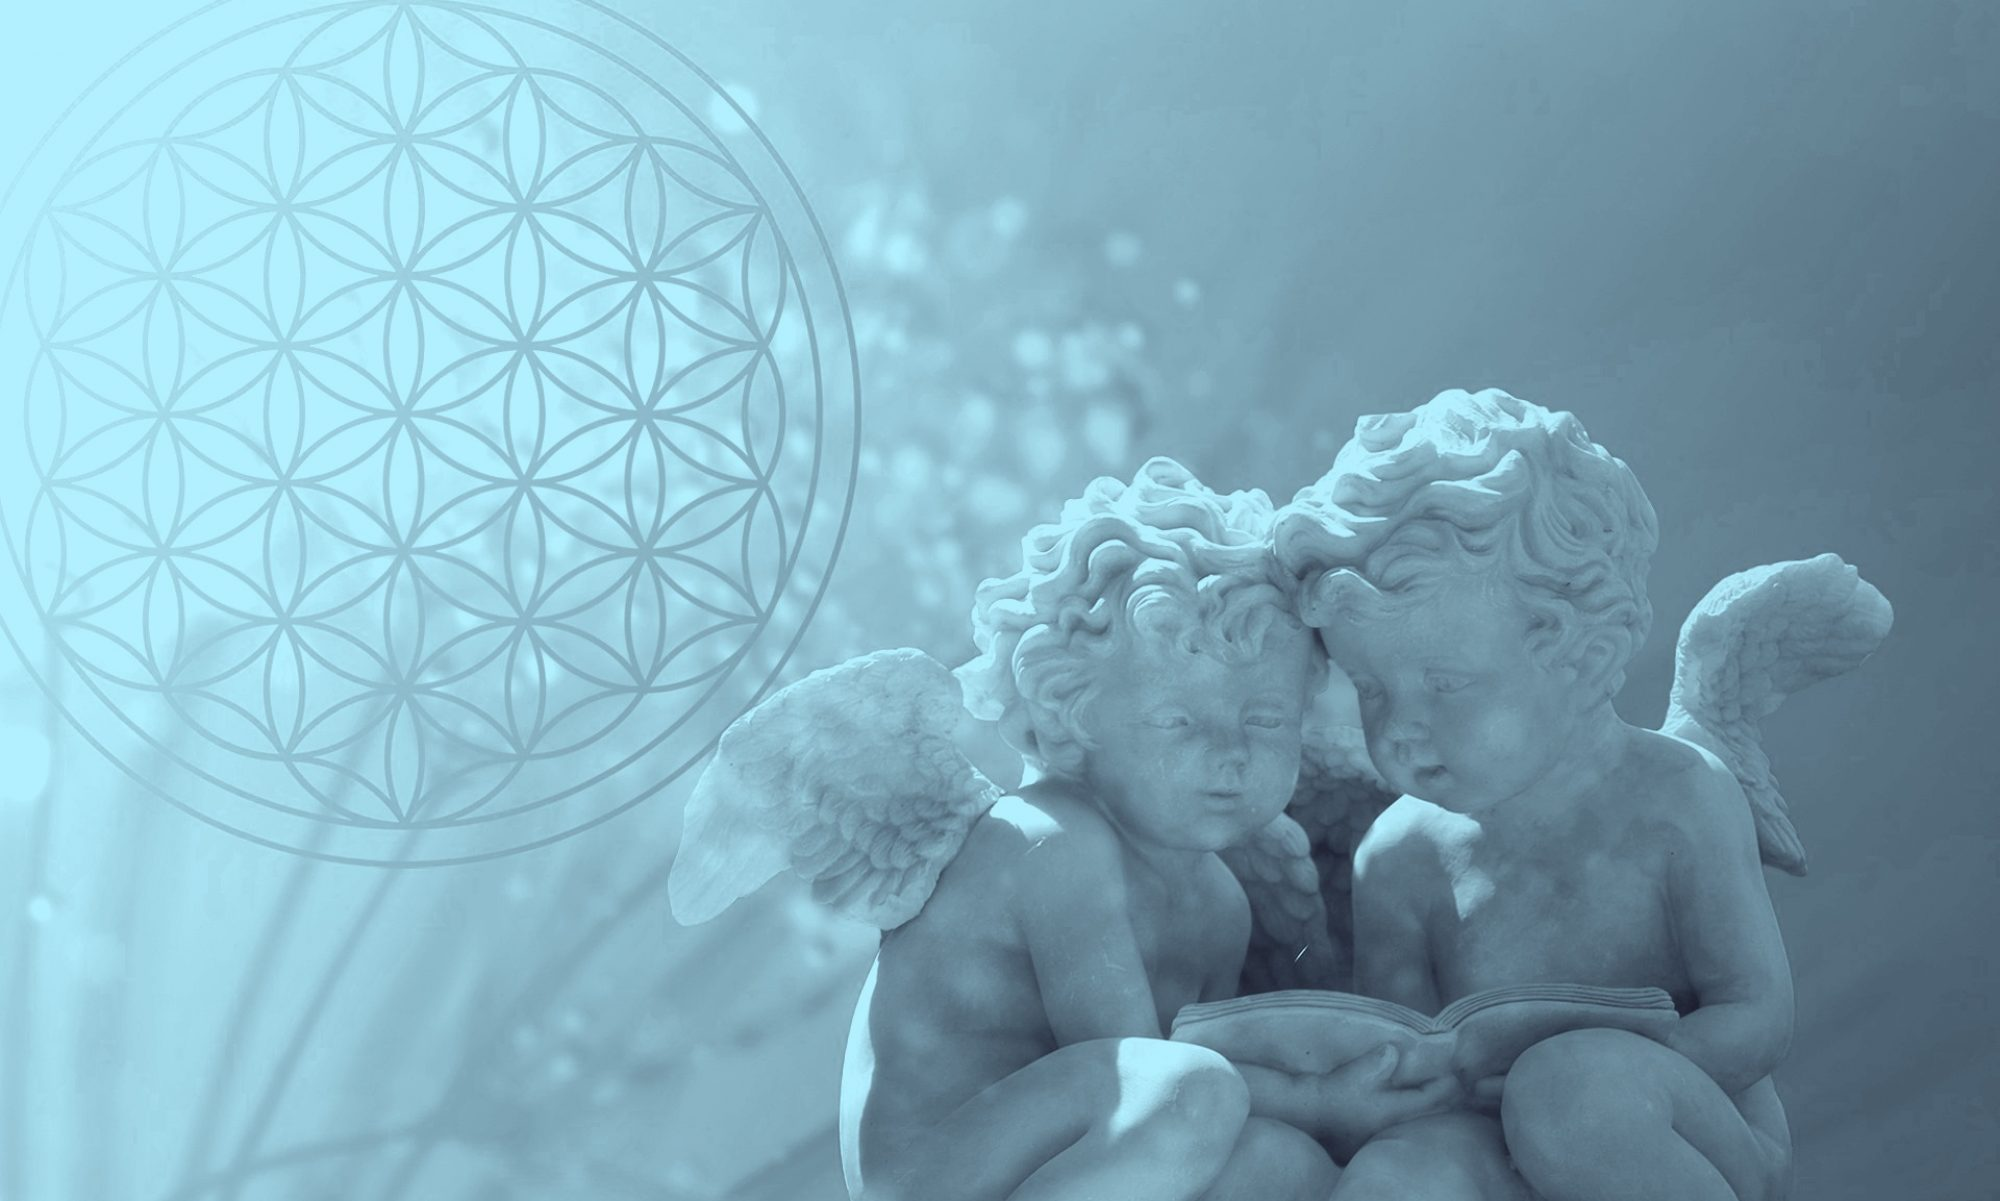 Engel und Götter